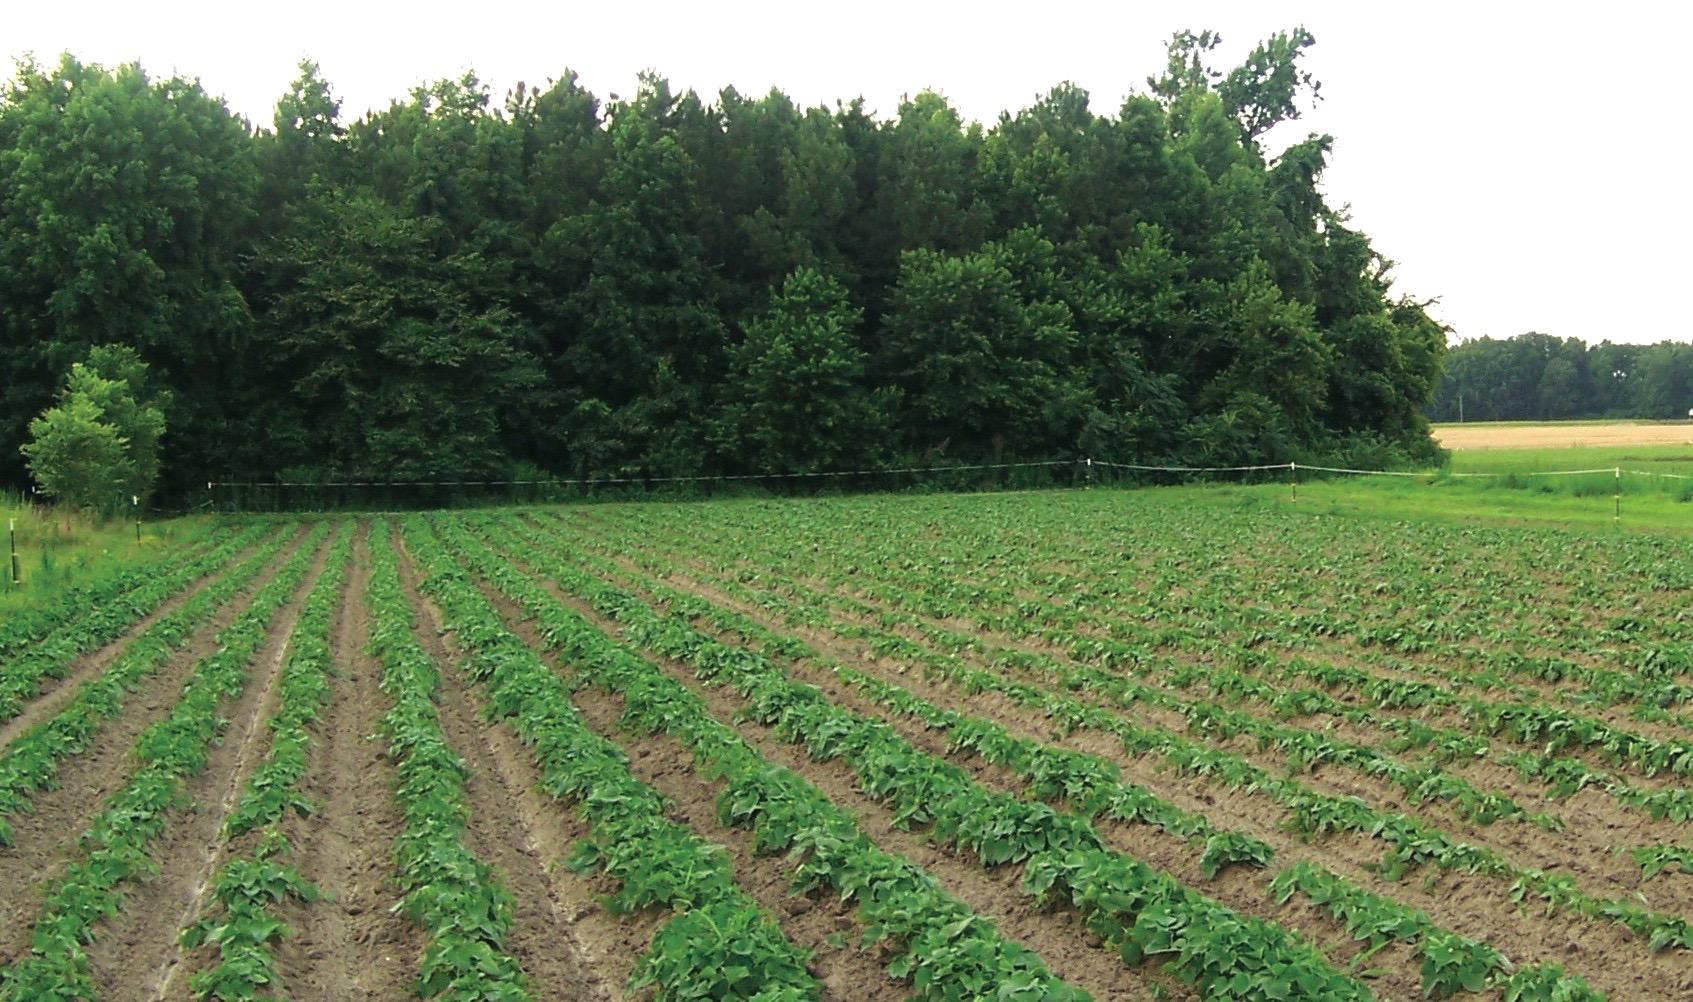 Orapeake Farms, heirloom potato farm, Suffolk